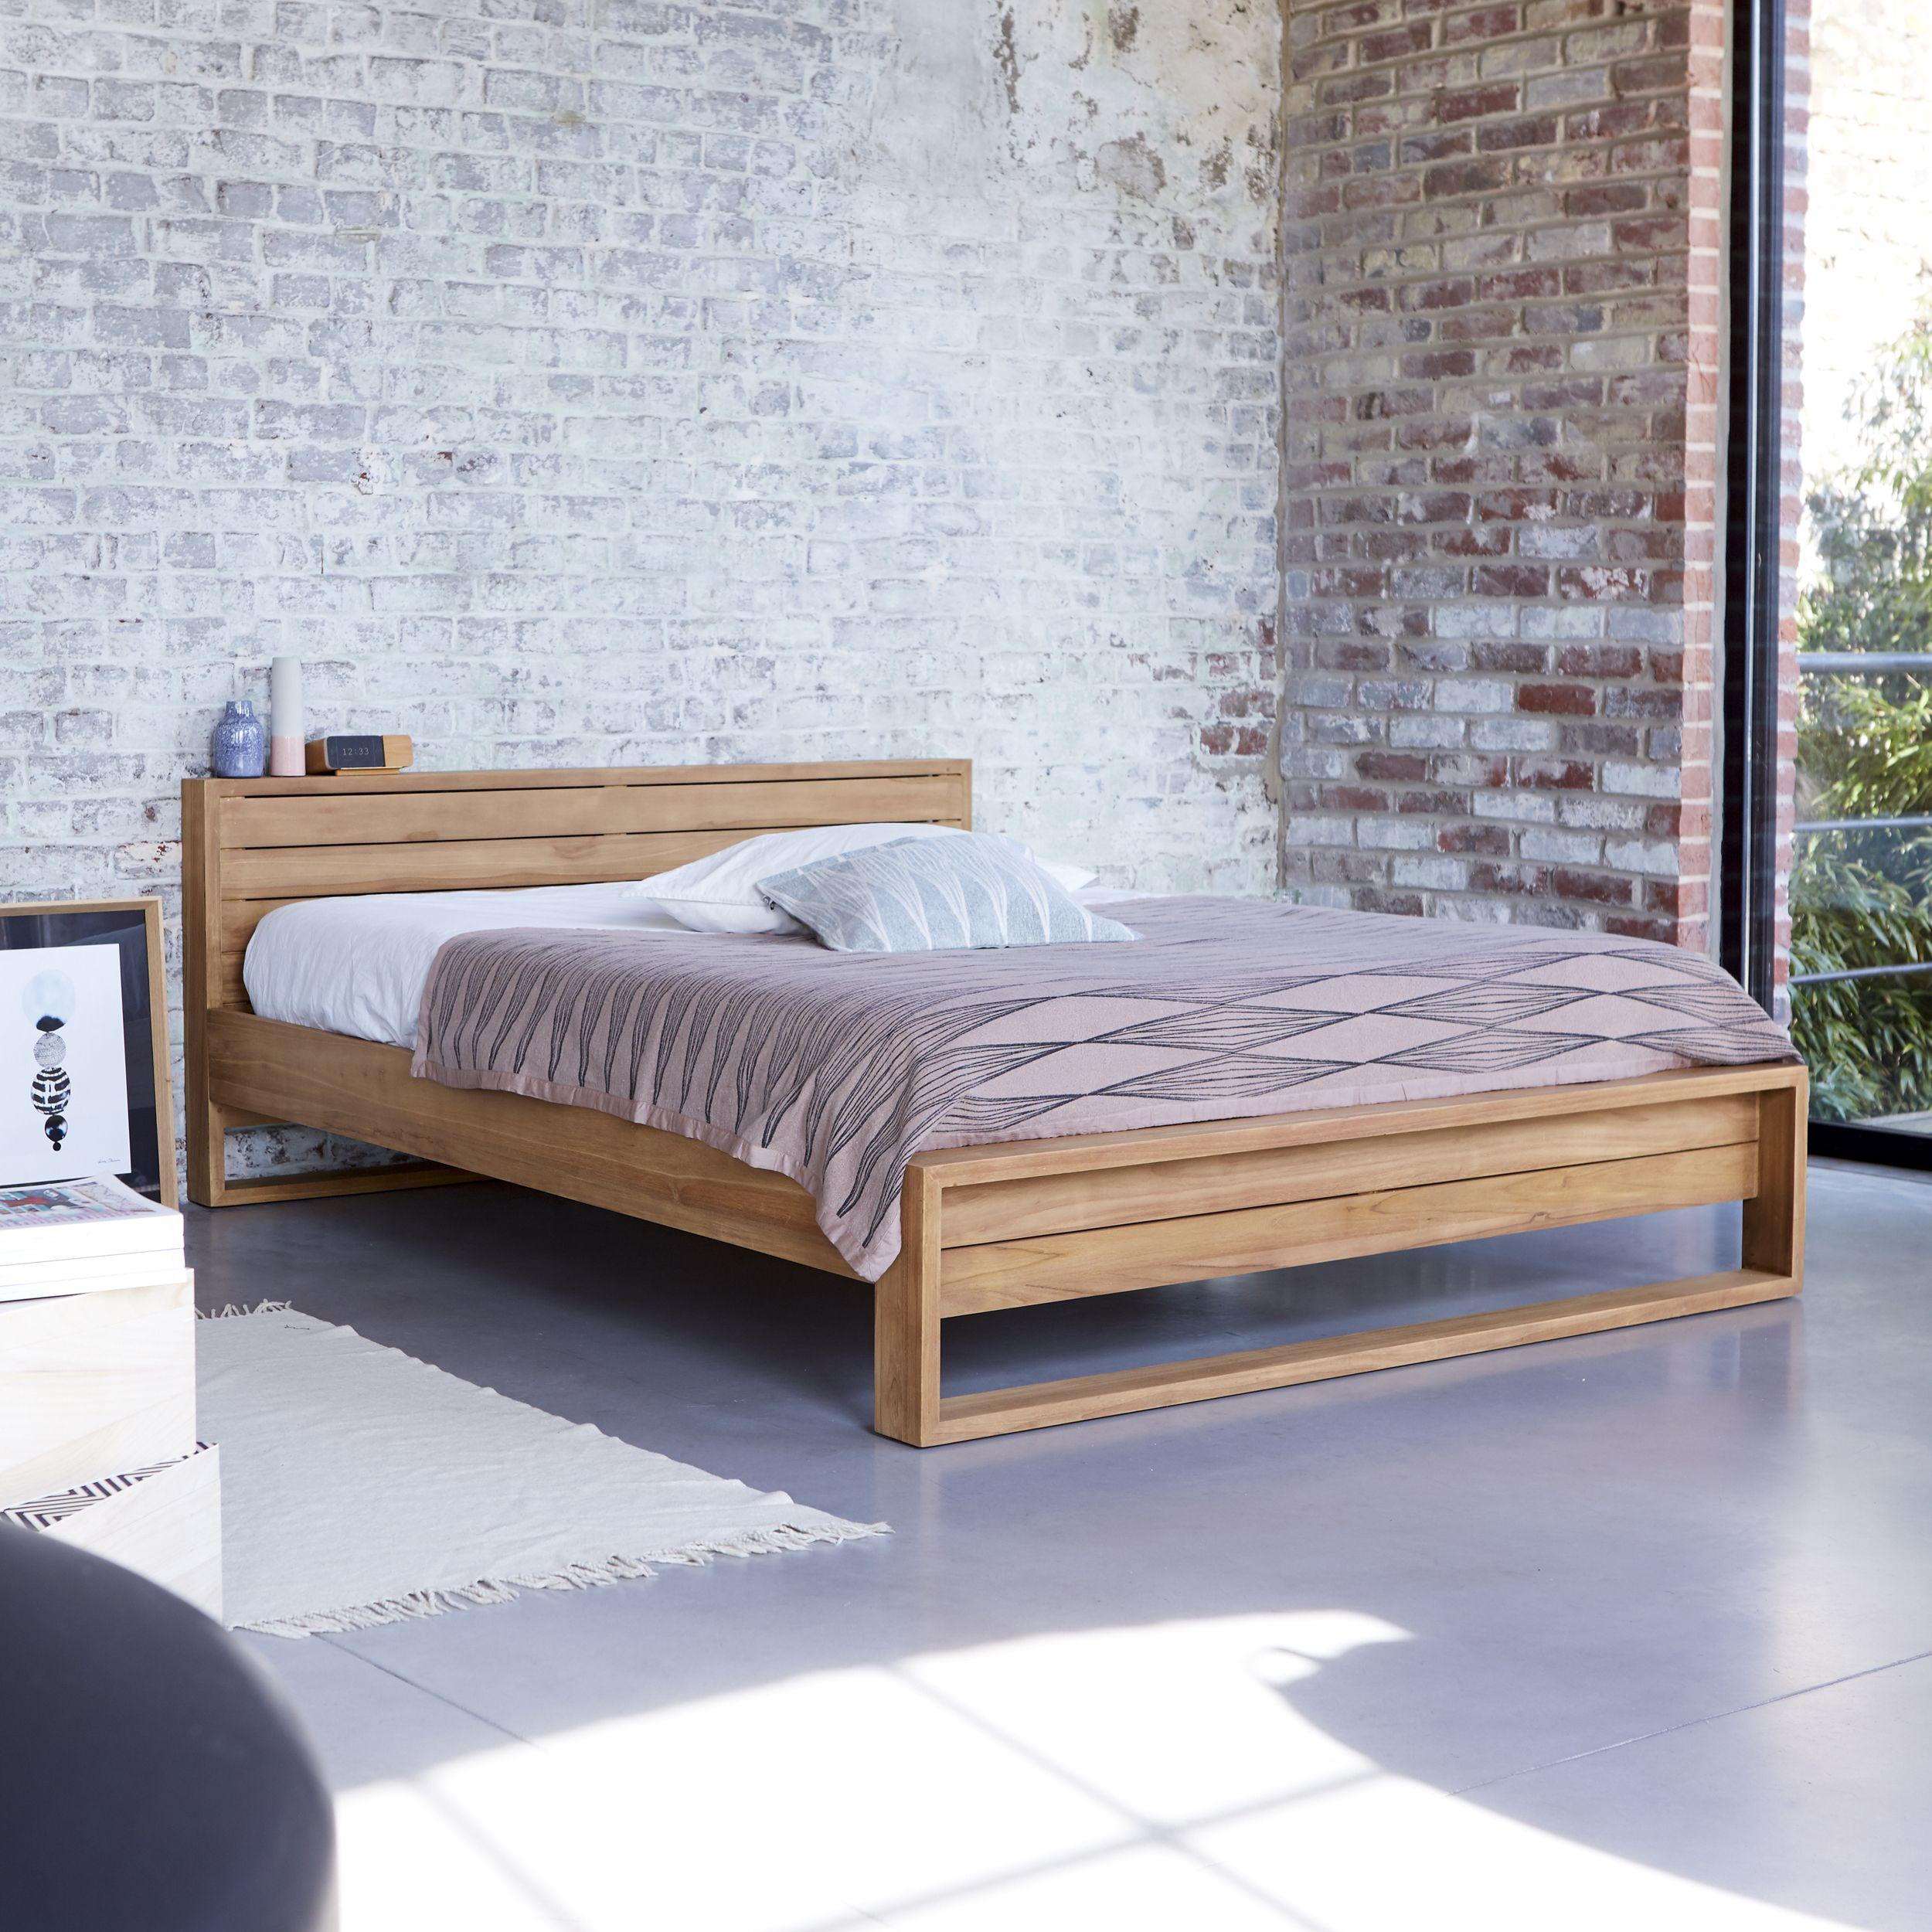 Minimalys Teak Bed 160x200 Bed frame, Bedroom bed design